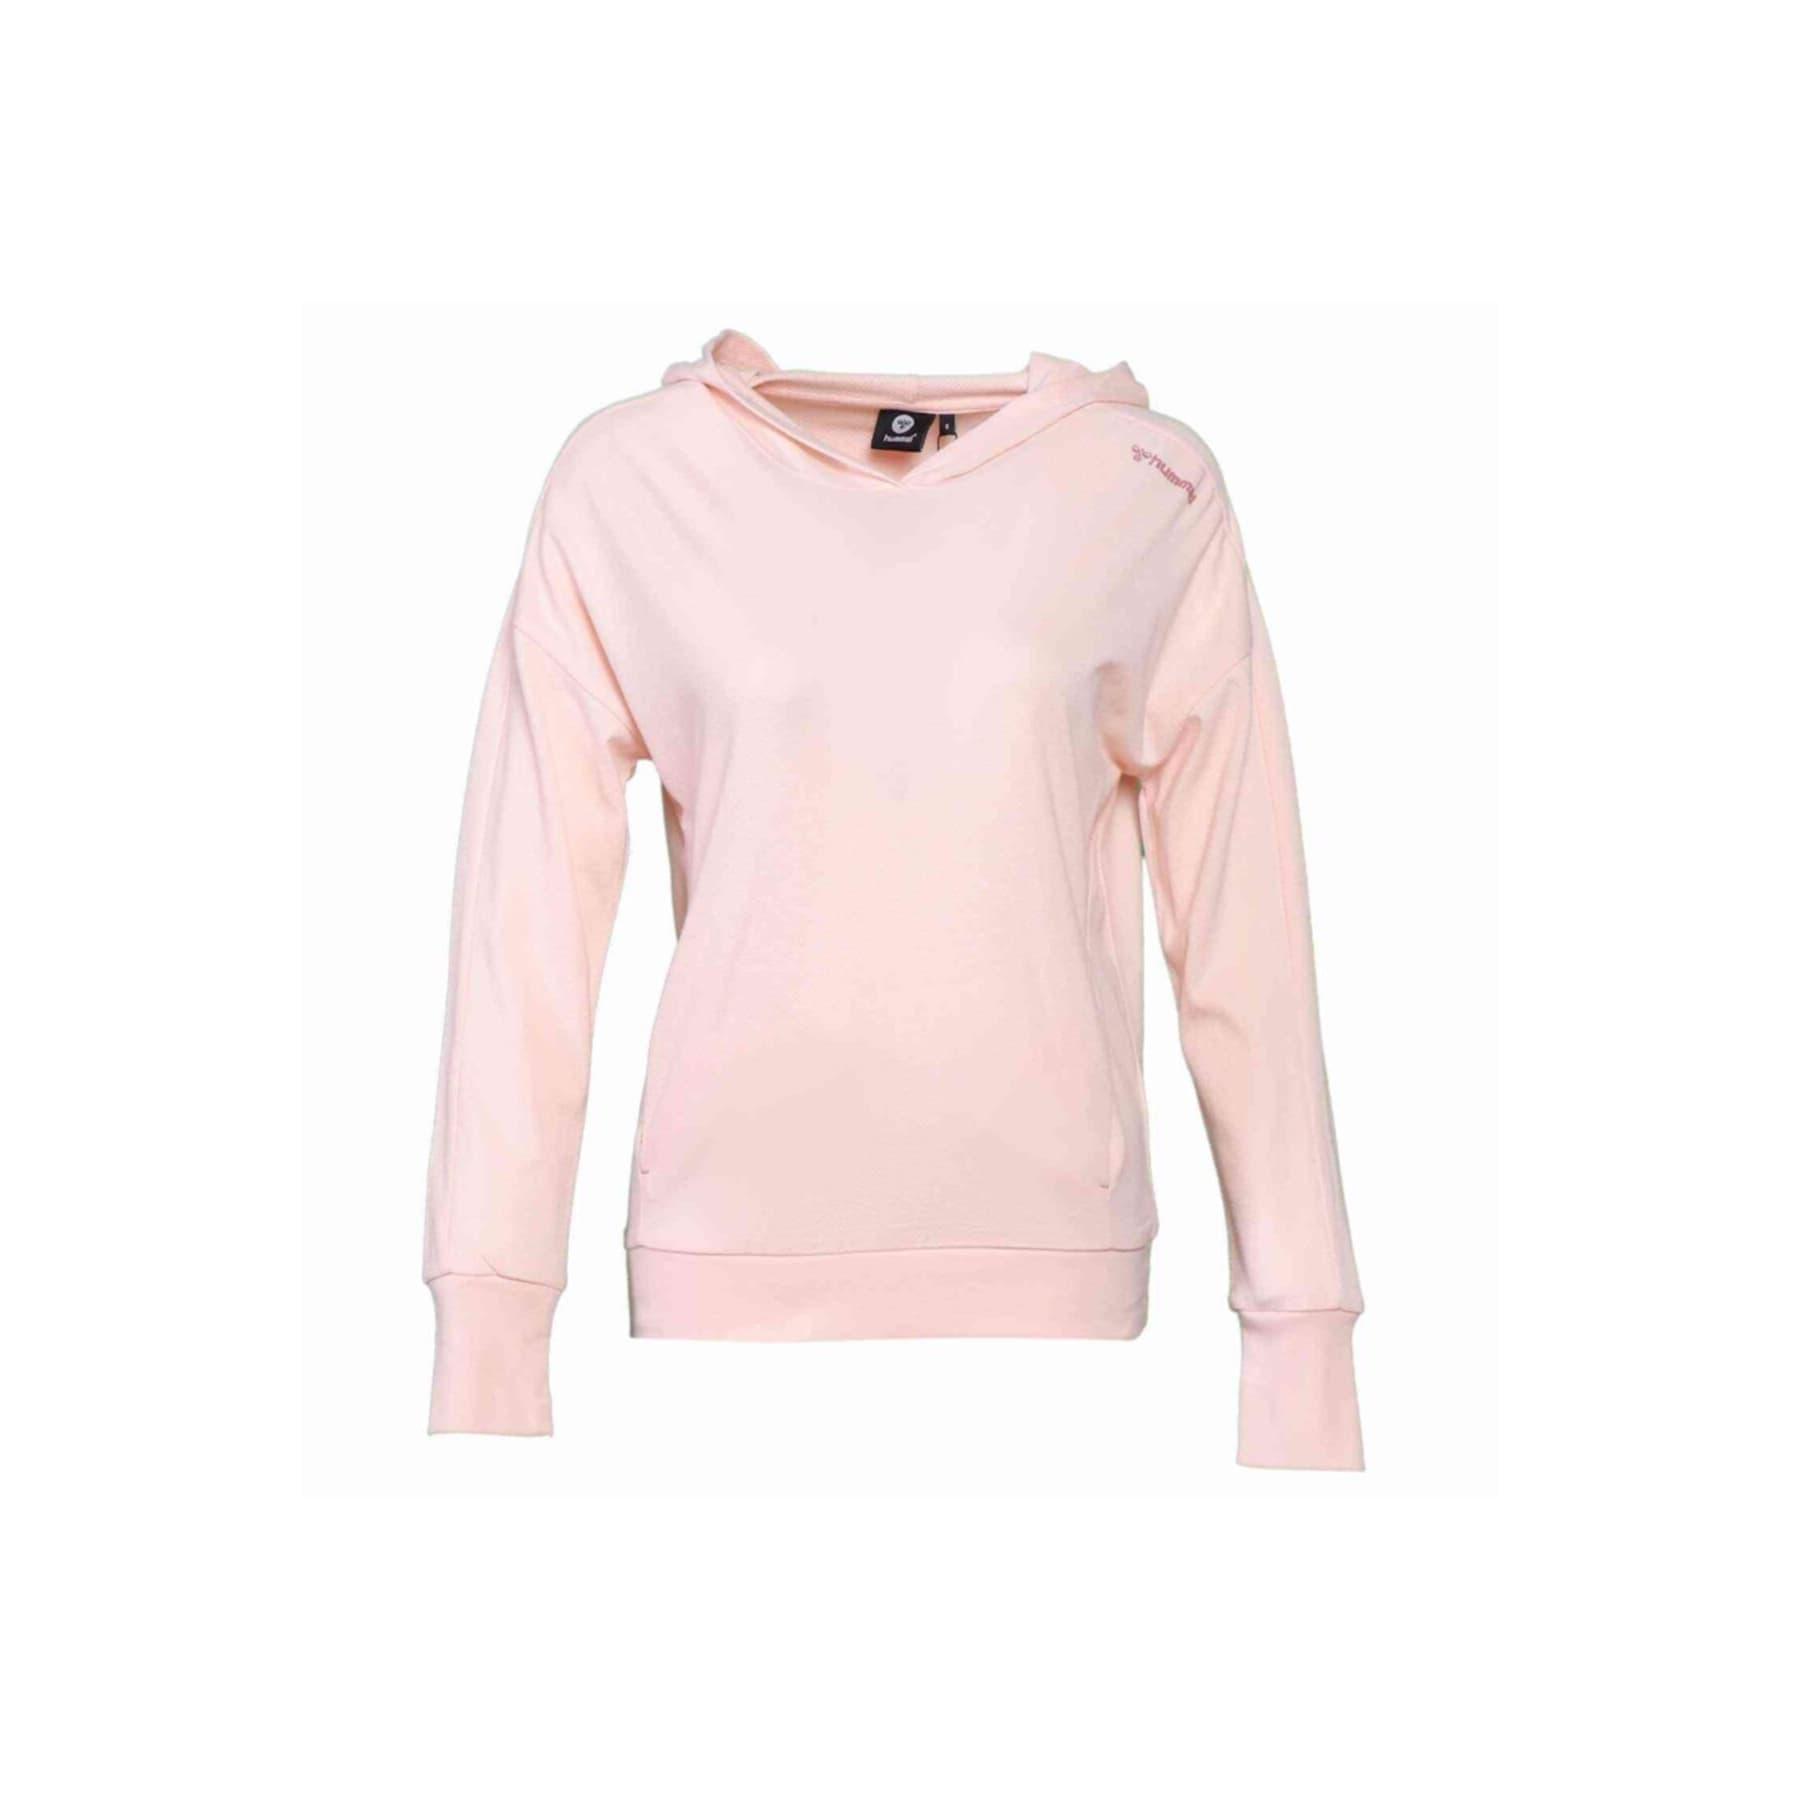 Gang Kadın Pembe Sweatshirt (921084-3688)